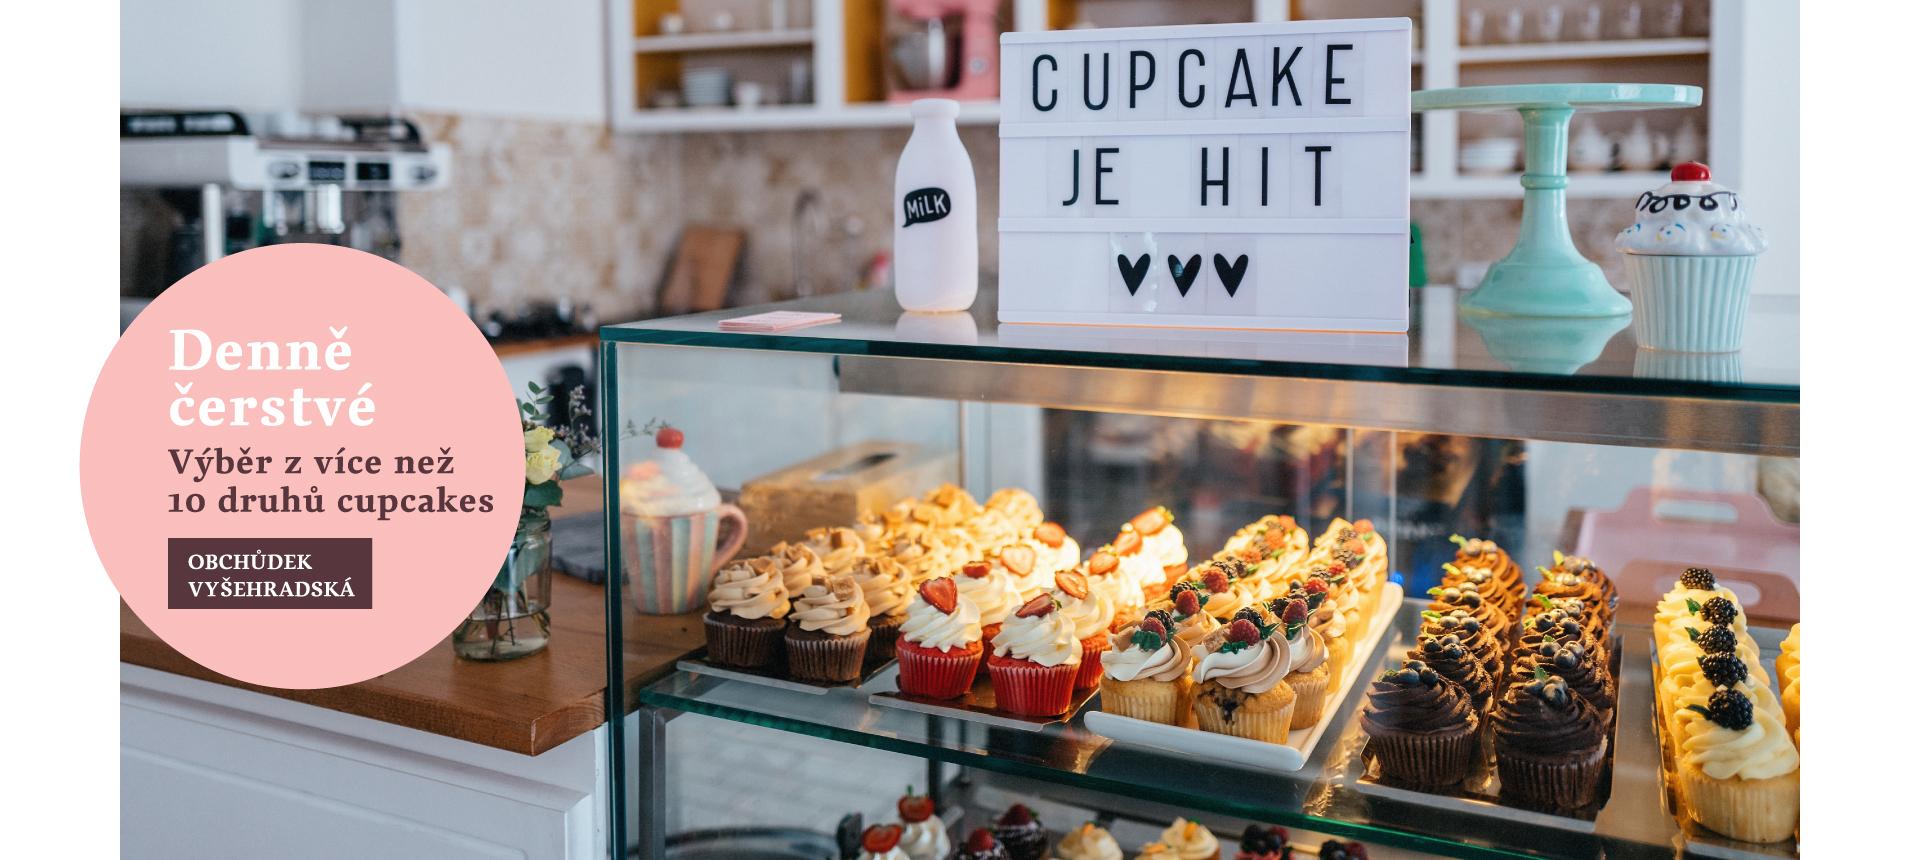 Denně čerstvé cupcakes